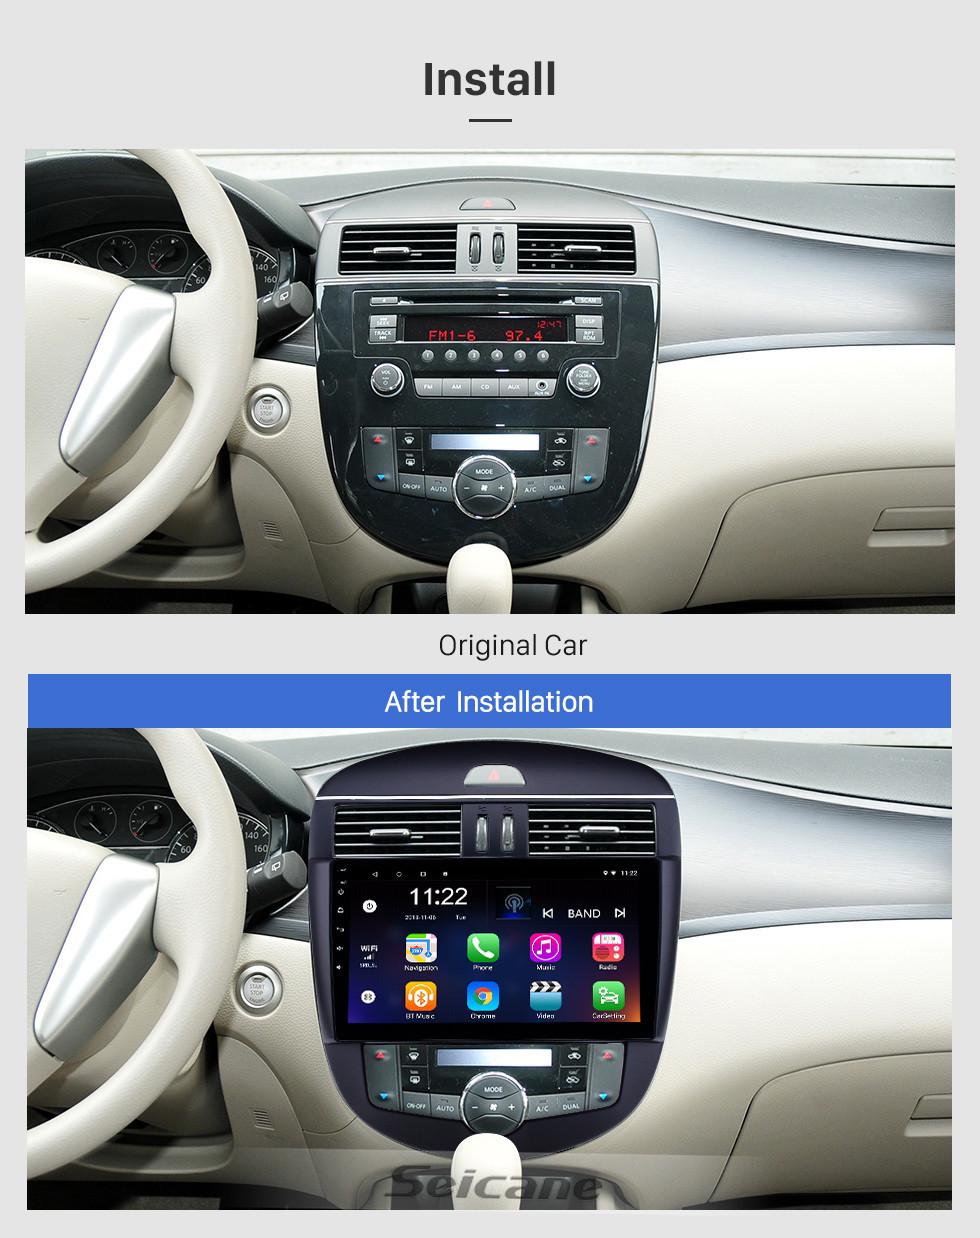 Seicane 10,1 pouces Android 8.1 Radio pour 2011-2014 Nissan Tiida Auto A / C Bluetooth WIFI HD à écran tactile GPS Navigation support Carplay caméra arrière